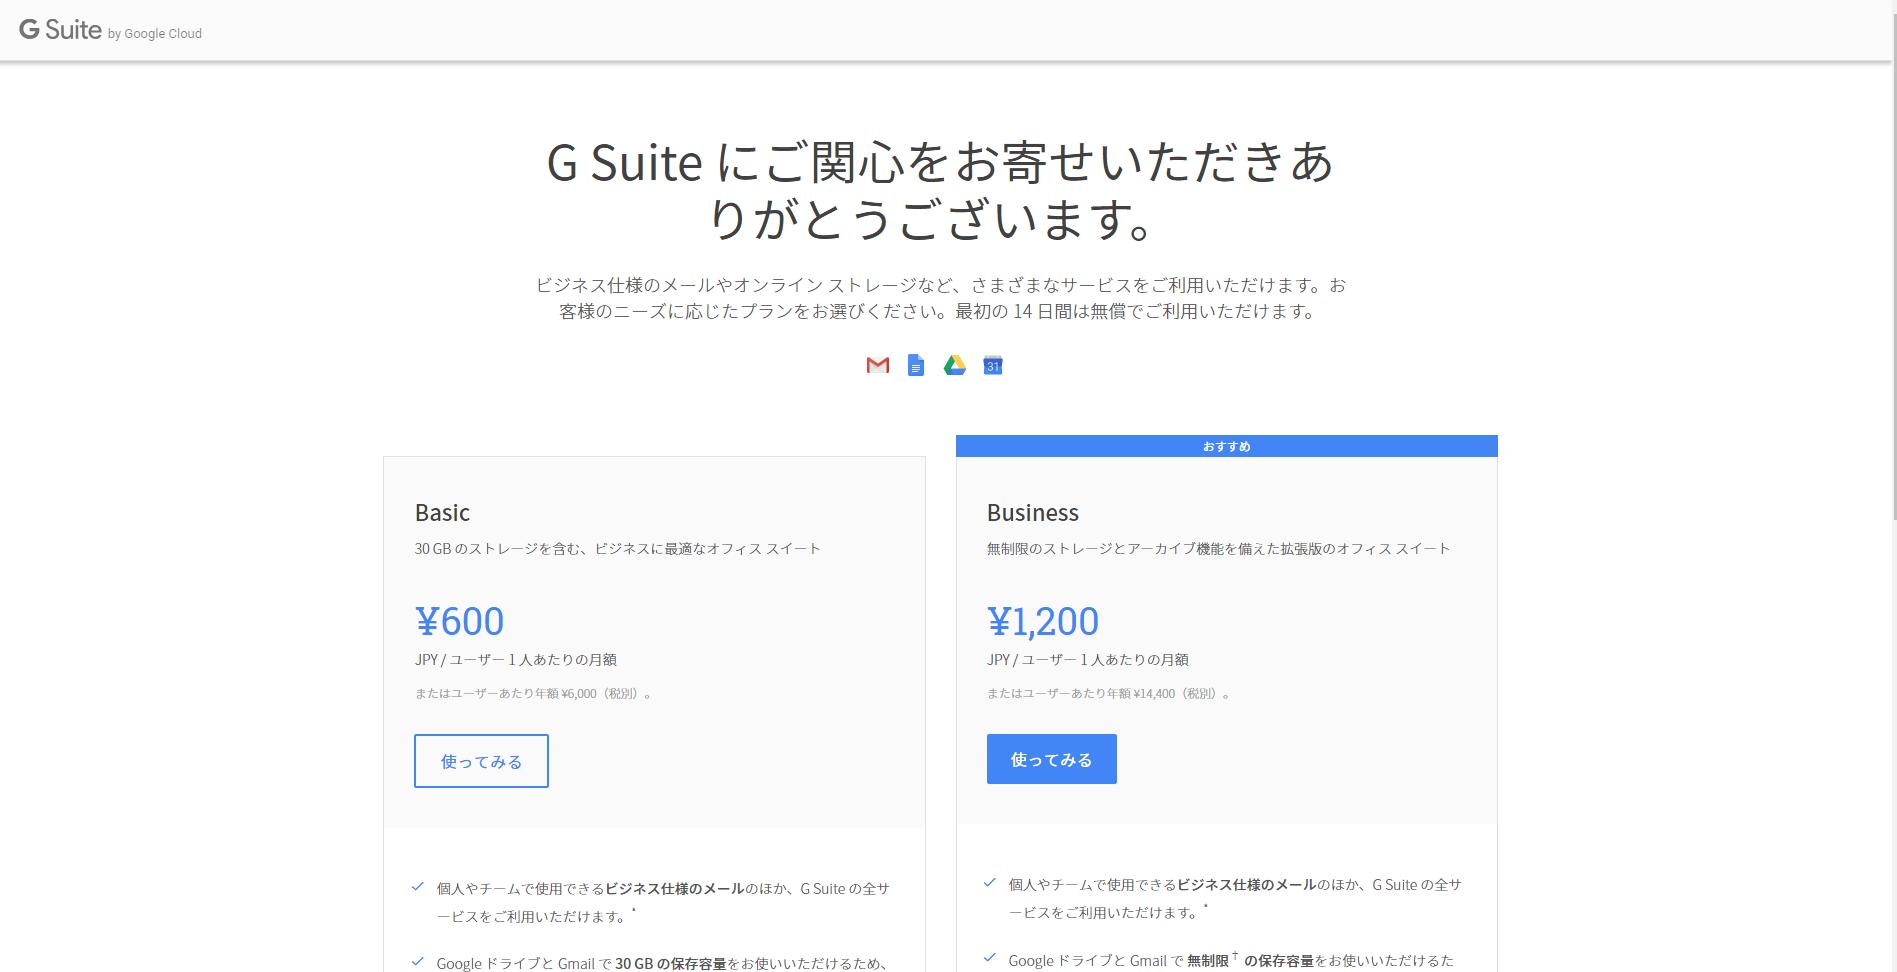 GSuiteの初期設定画面1